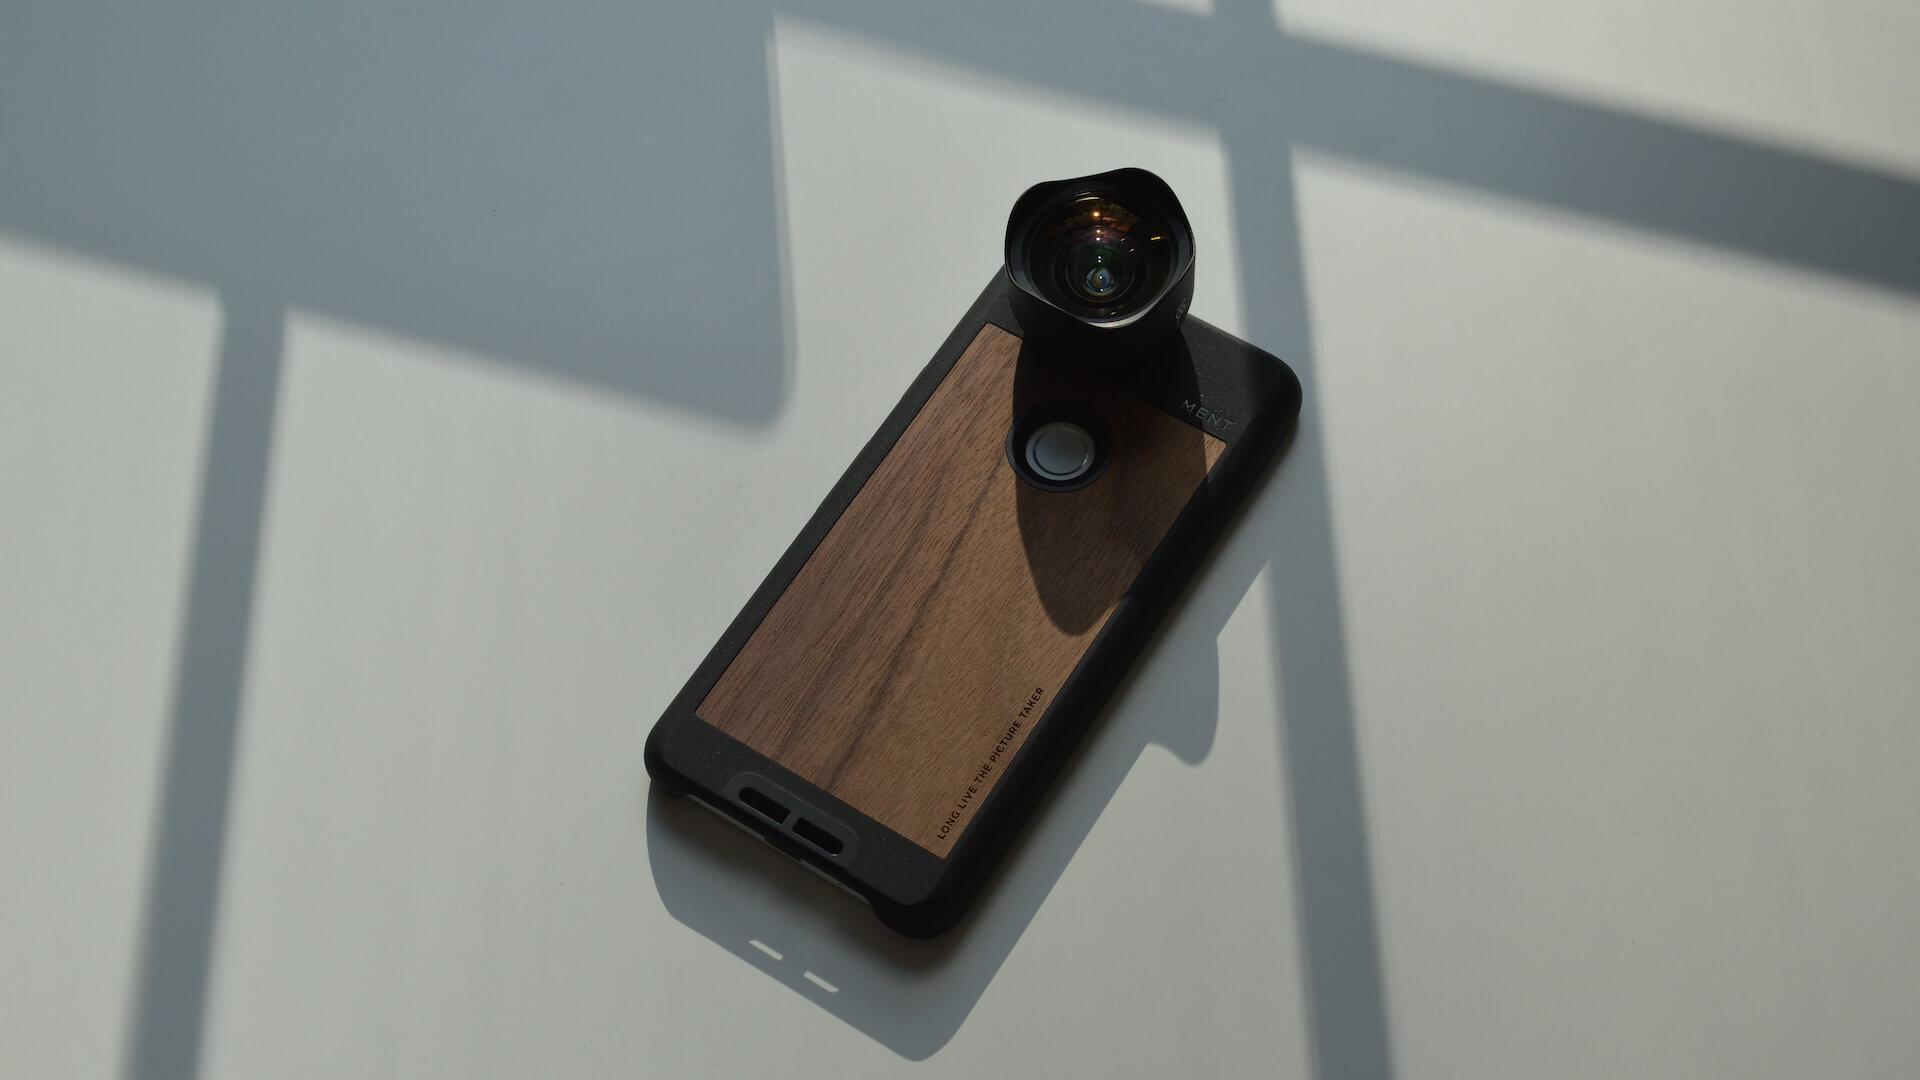 iphone external lens gadget